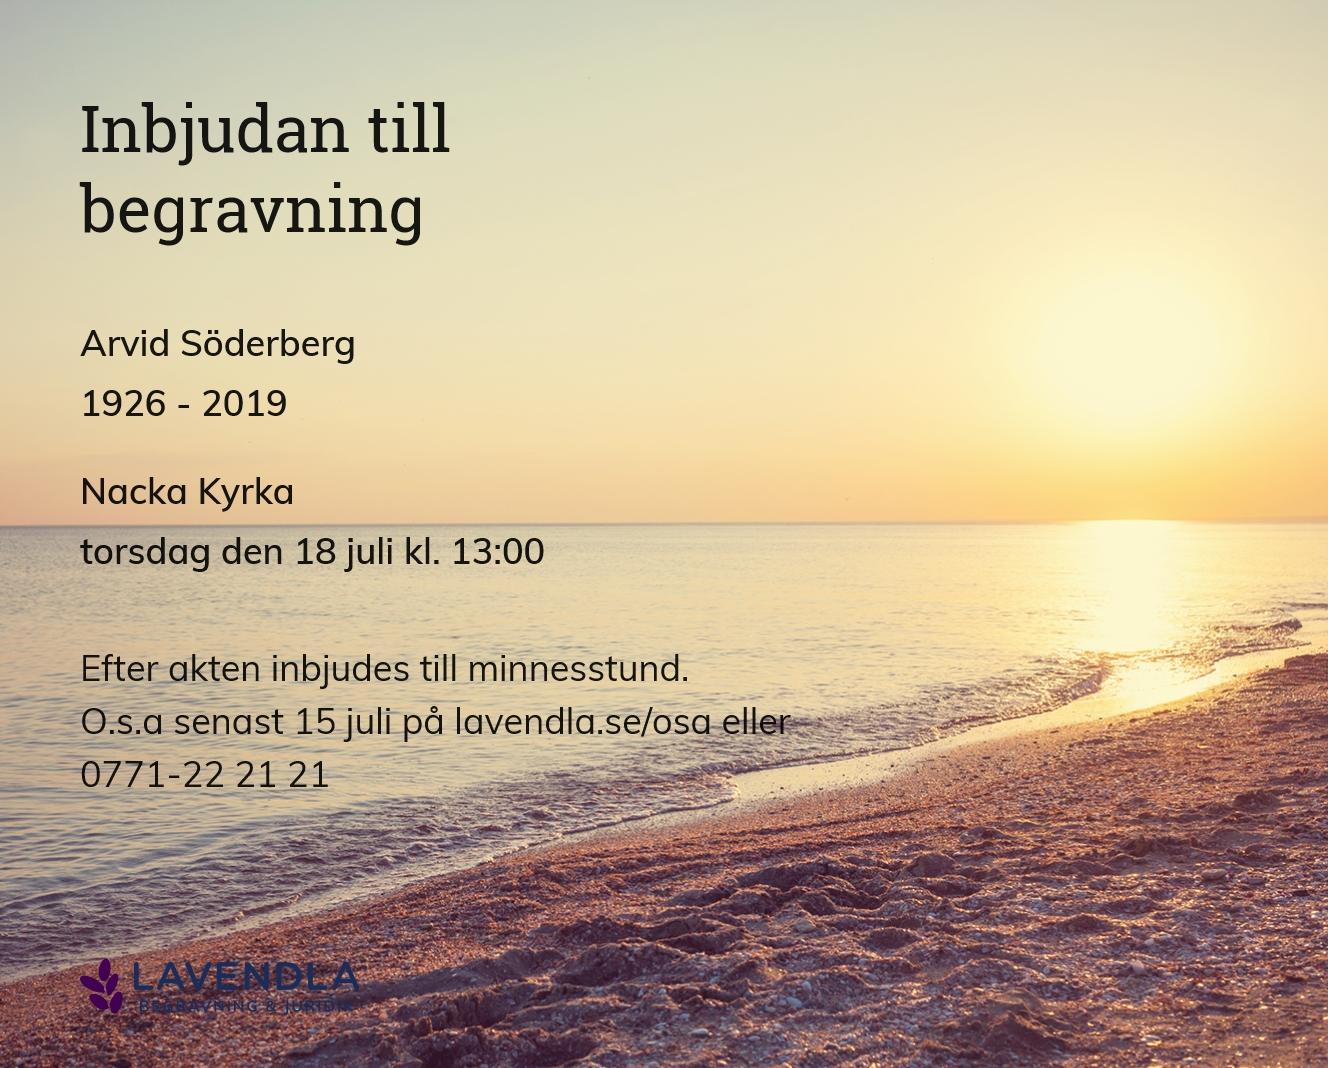 Inbjudningskort till ceremonin för Arvid Söderberg